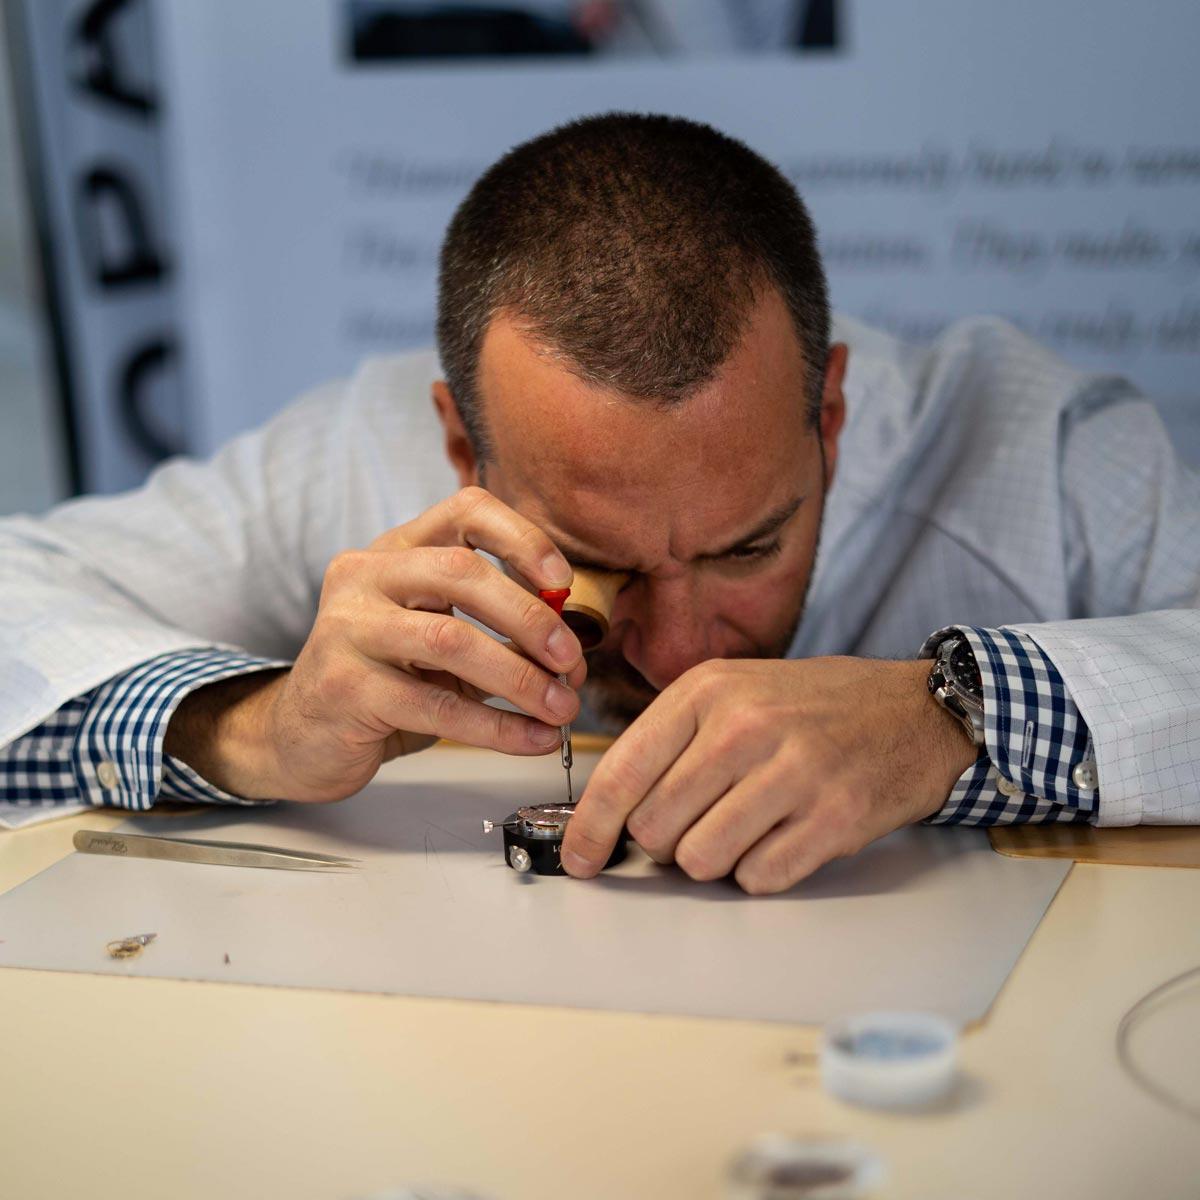 La Cote des Montres : Photo - Chopard Mille Miglia Classic Chronograph Racing Stripes Edition